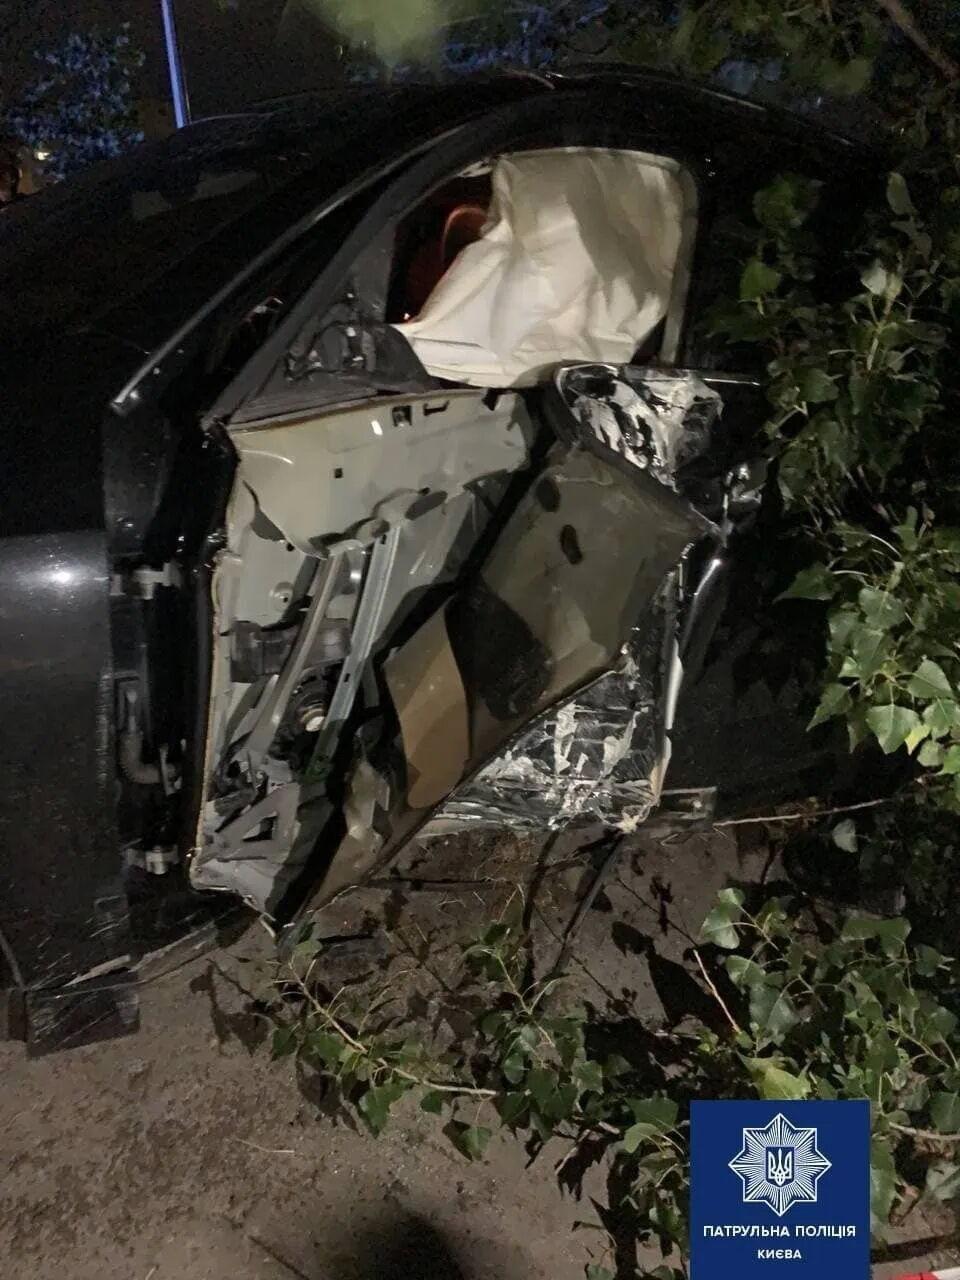 Унаслідок аварії ніхто не постраждав.